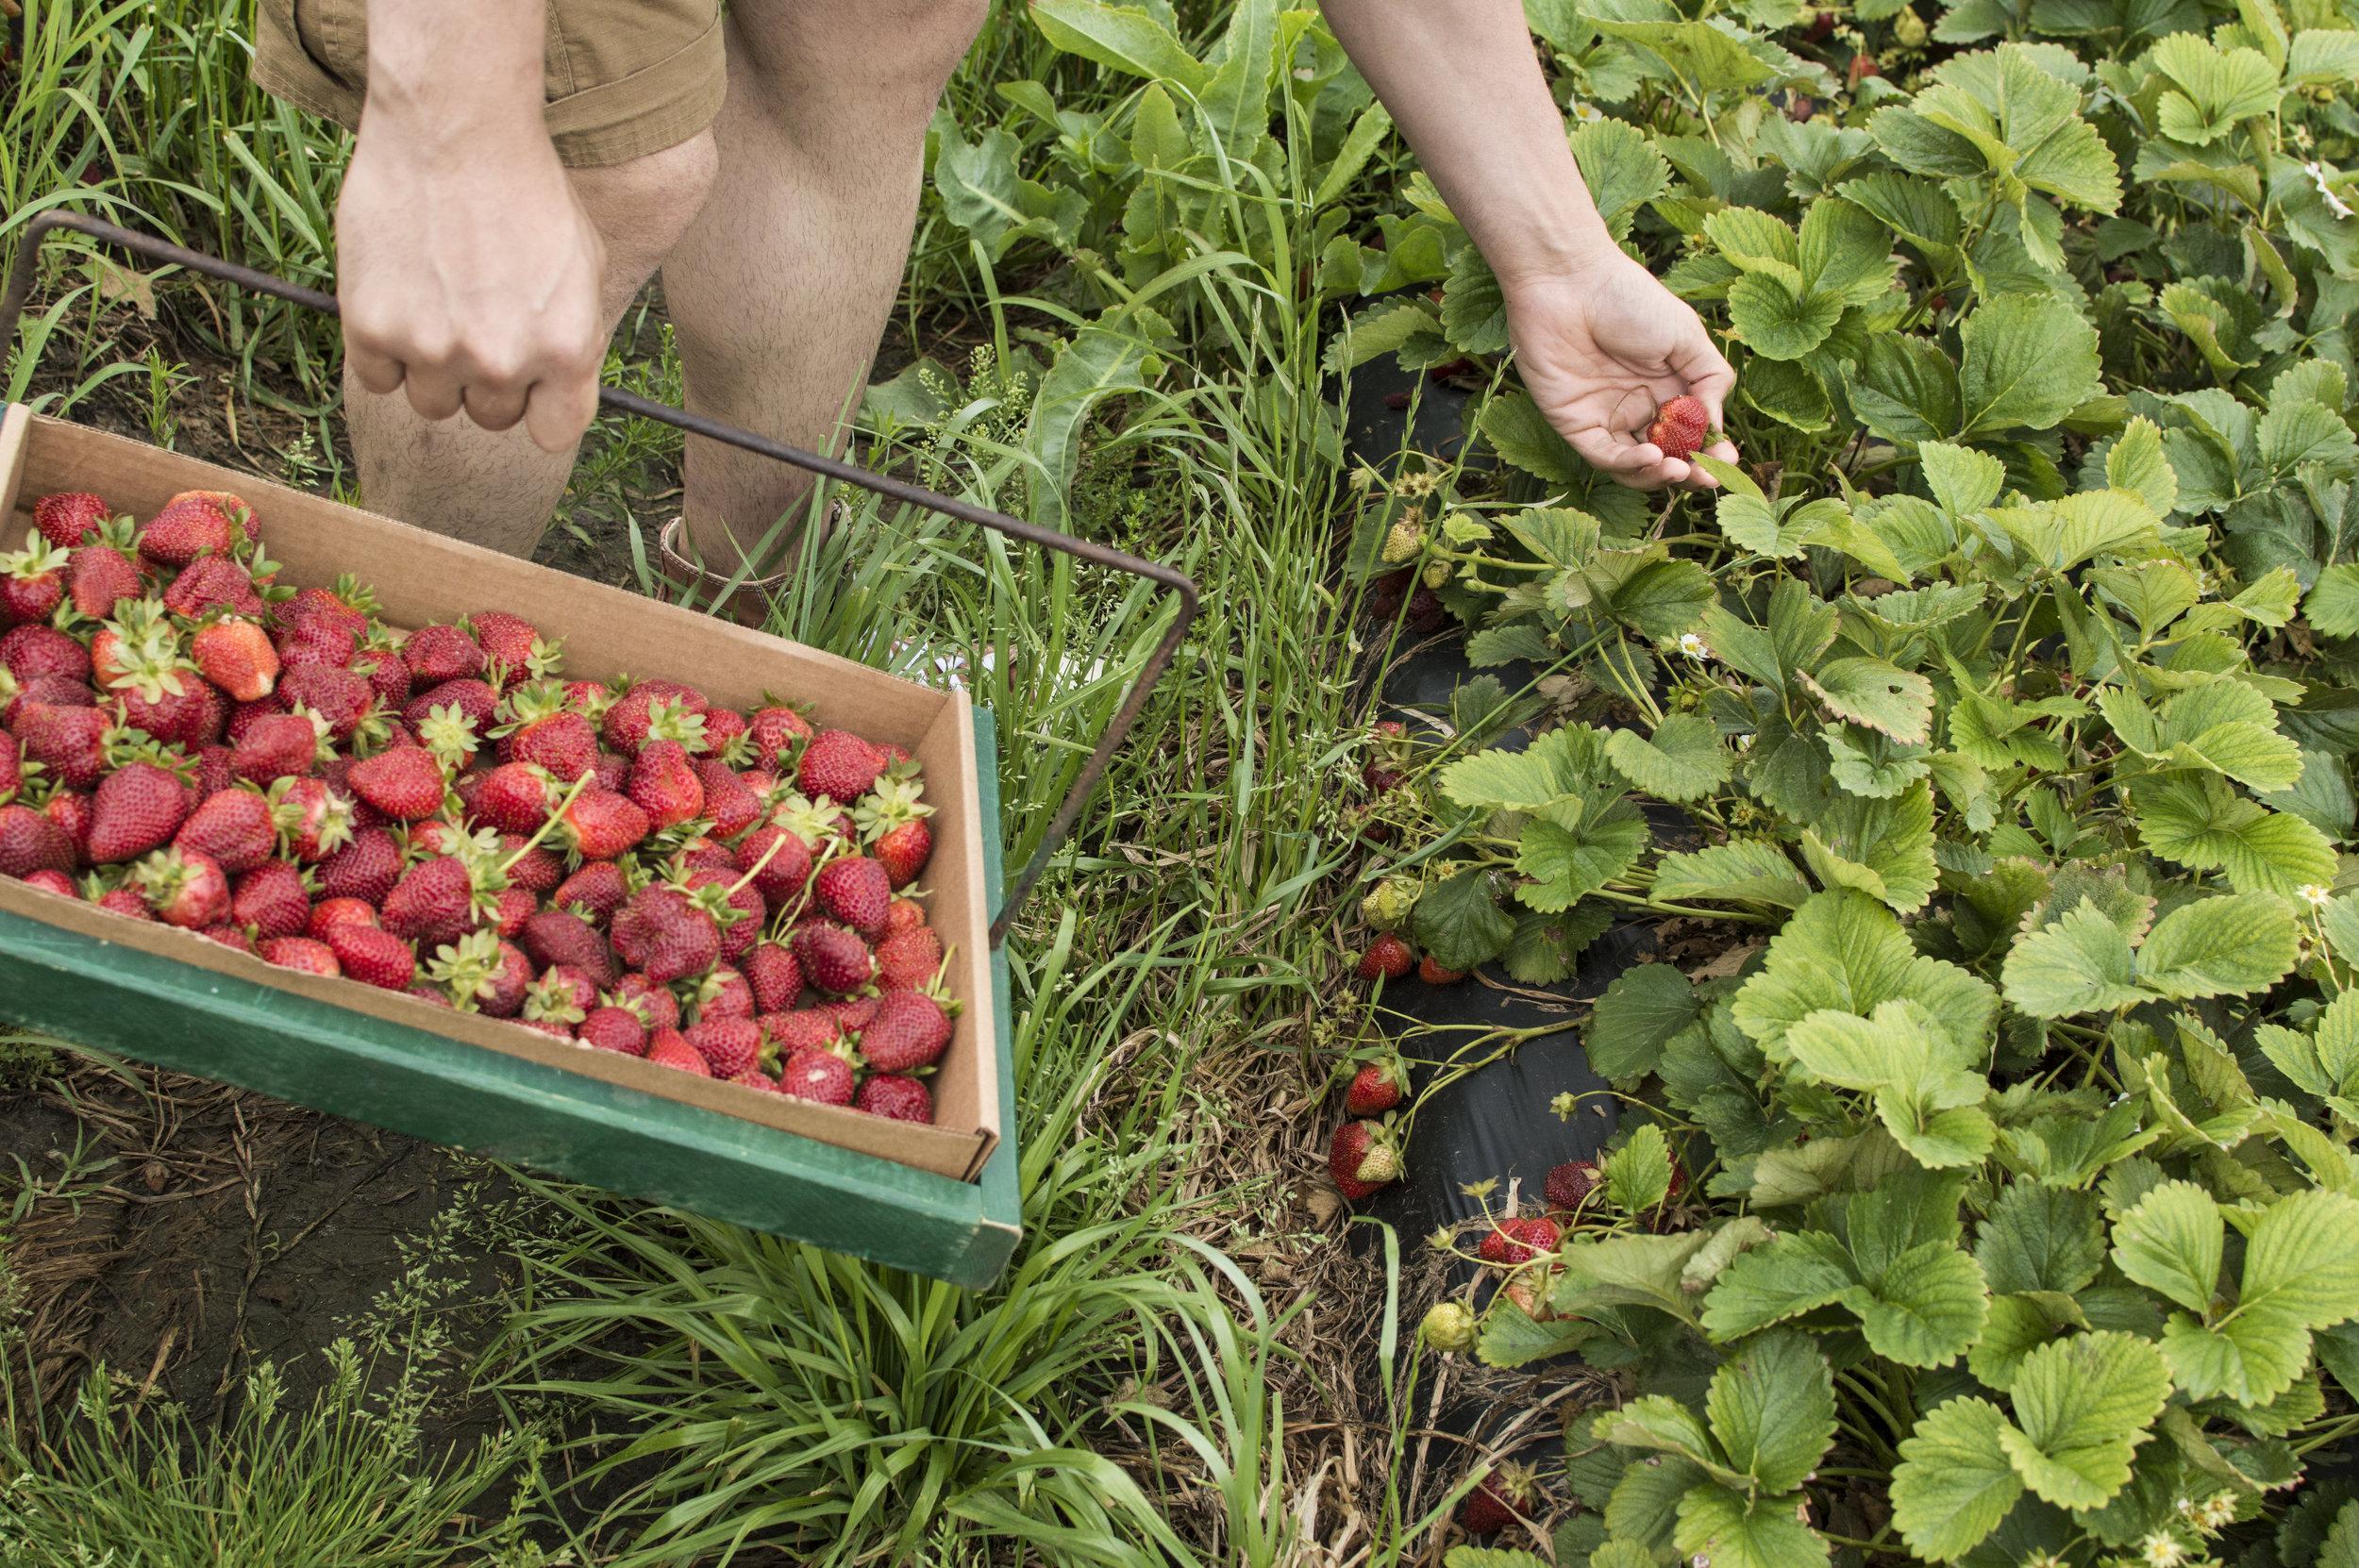 Strawberries903-8.jpg